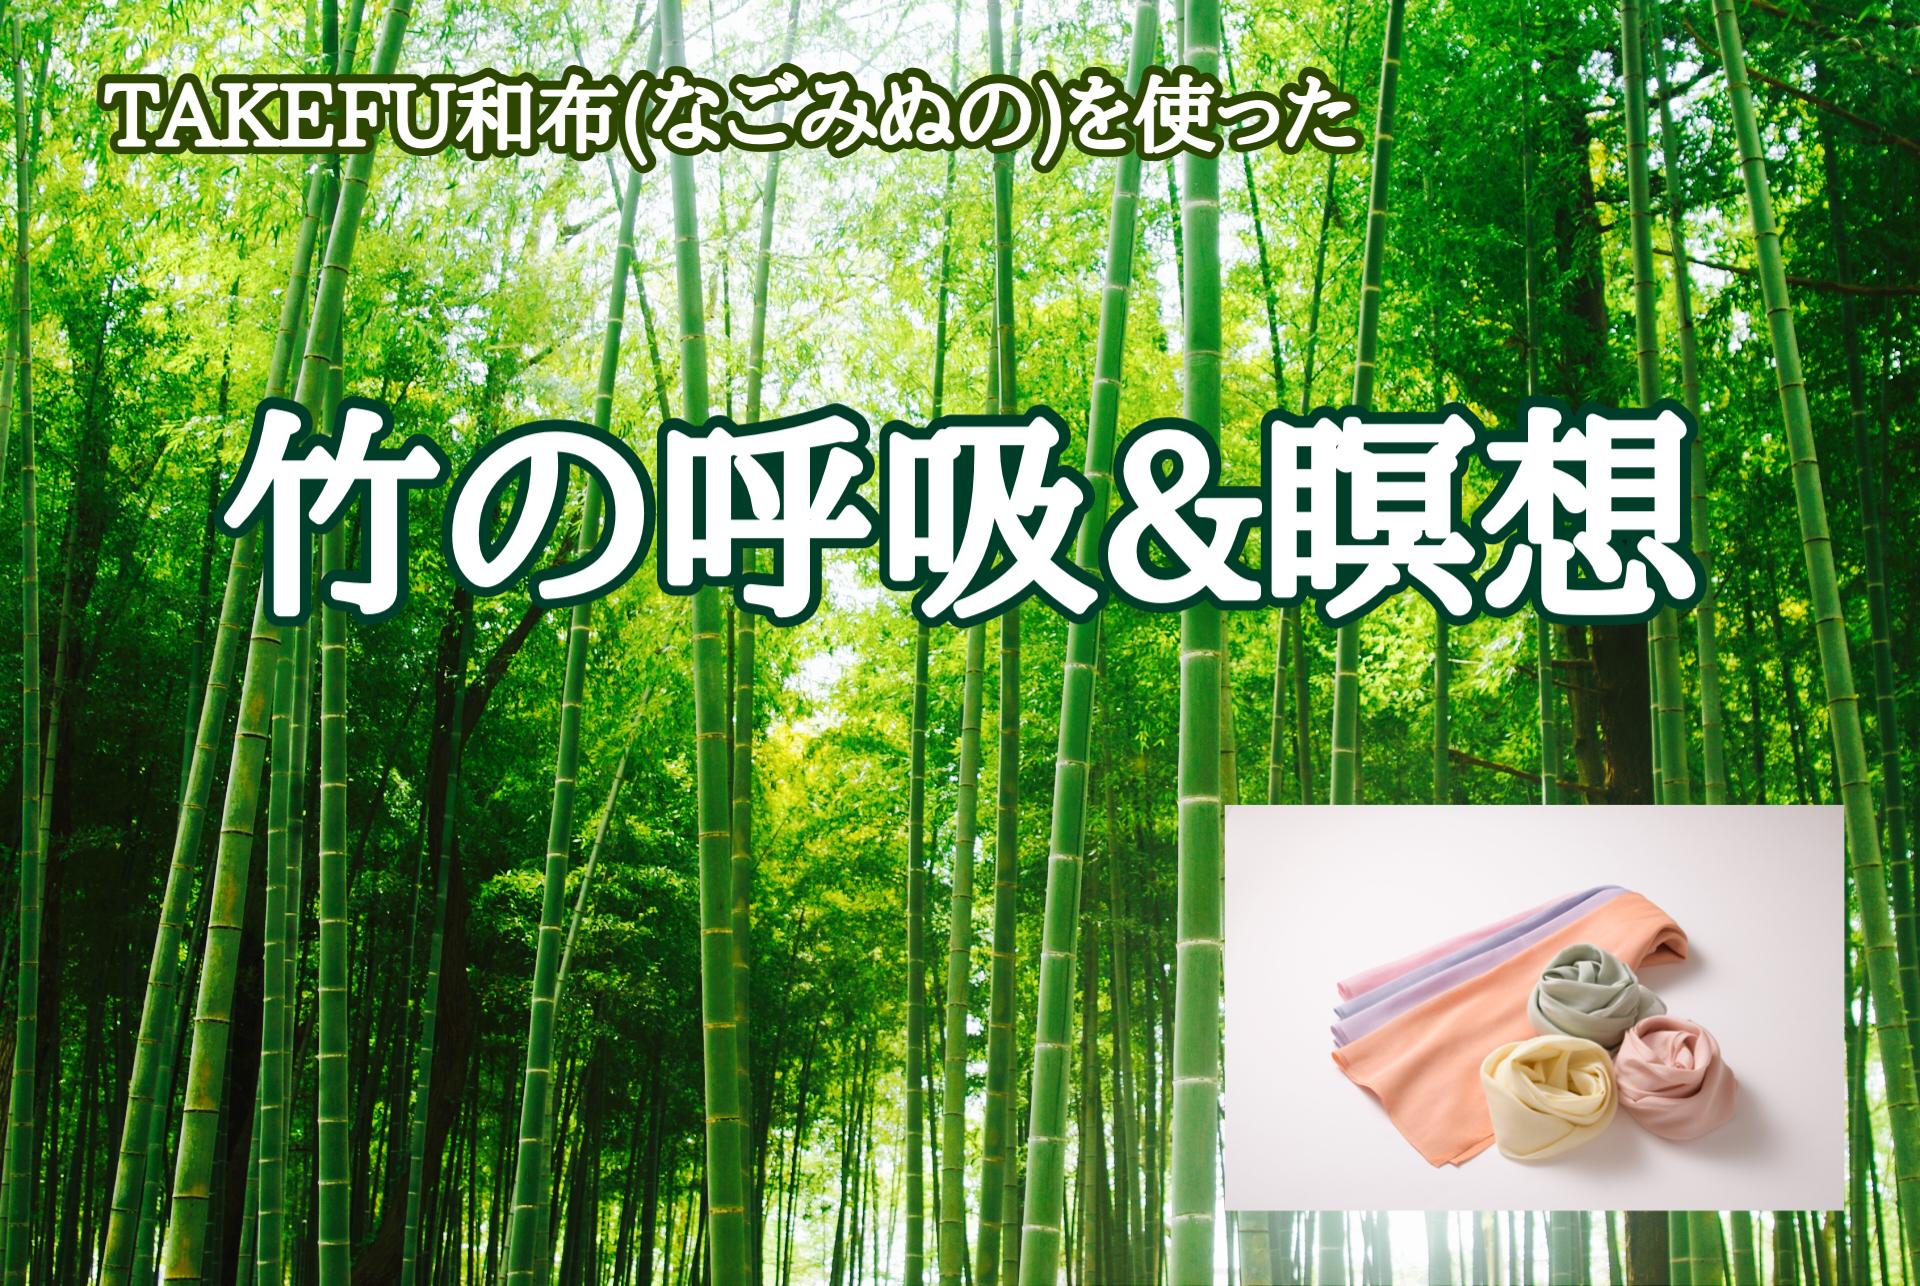 今月の「竹の呼吸&瞑想」